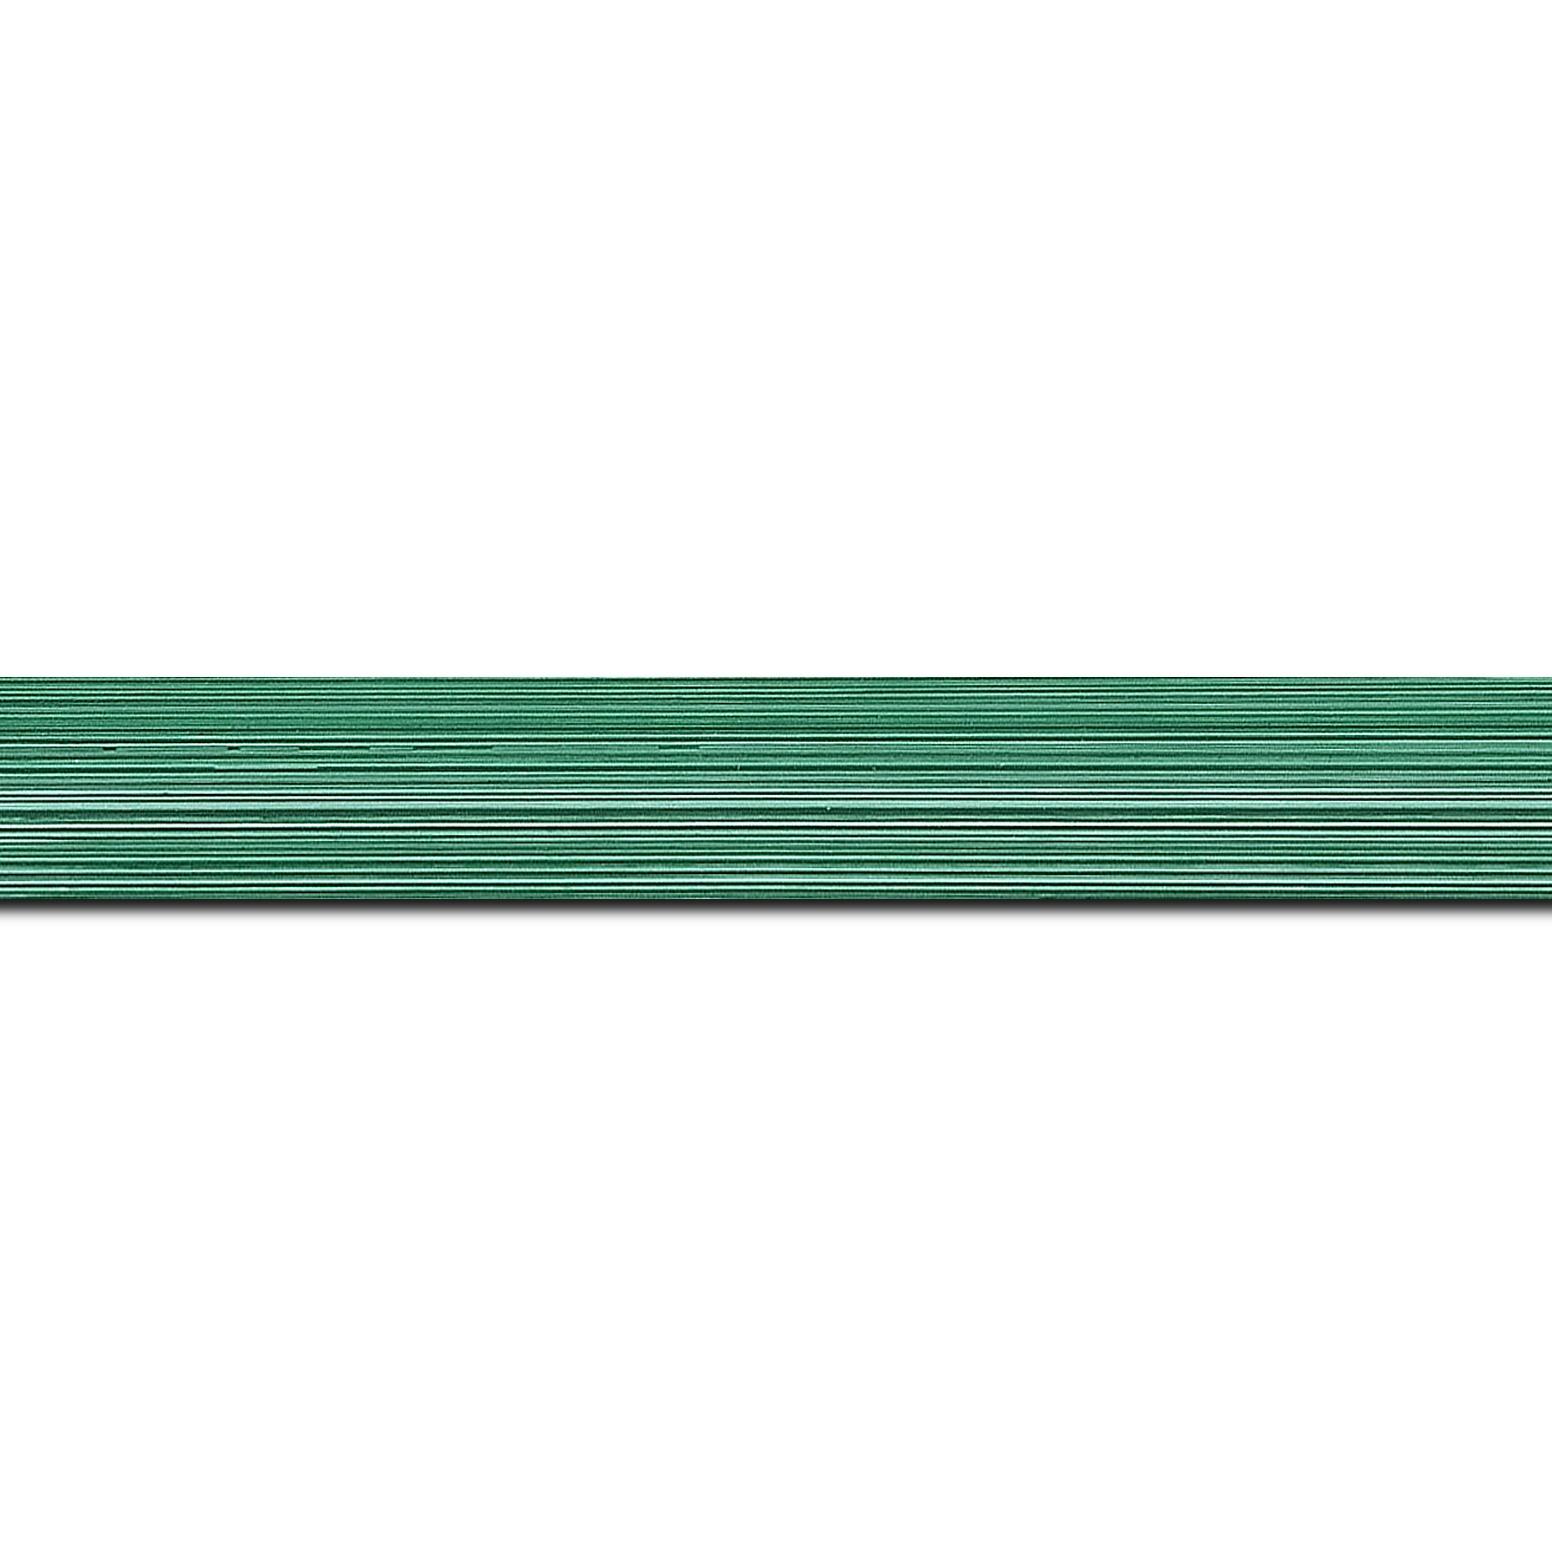 Pack par 12m, bois profil concave largeur 2.4cm couleur vert tropical effet matière fond blanc(longueur baguette pouvant varier entre 2.40m et 3m selon arrivage des bois)